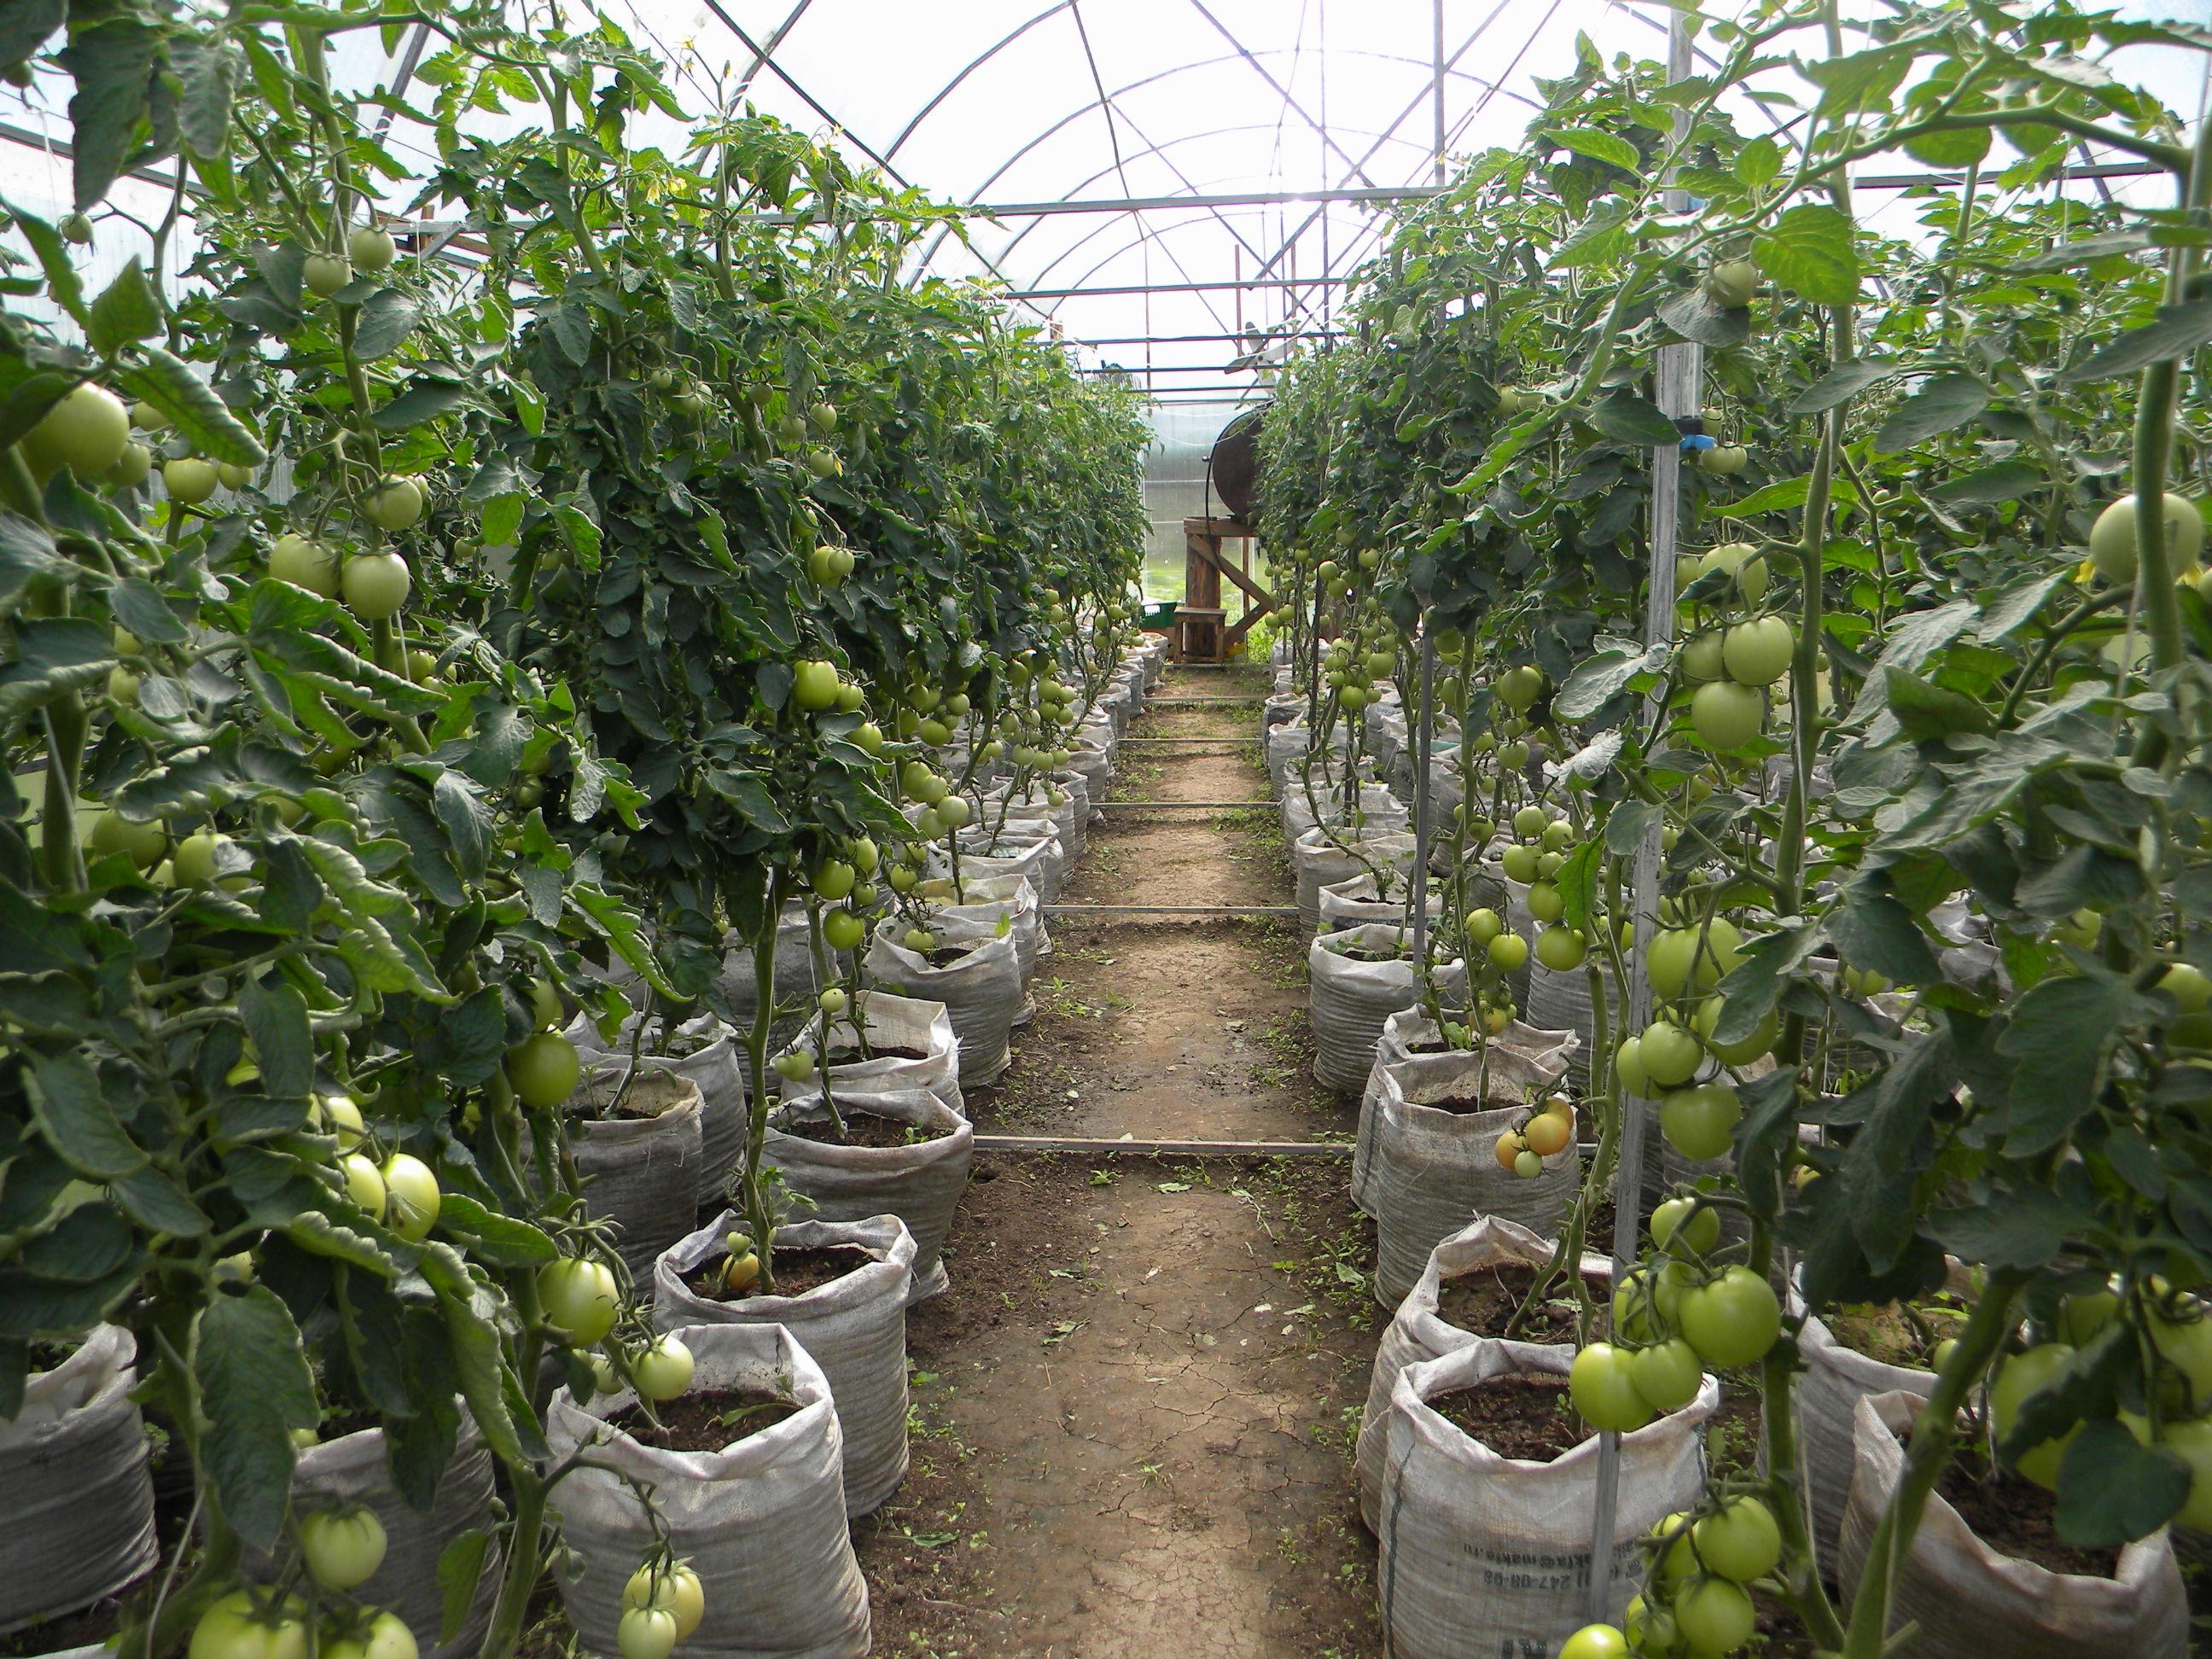 Какие лучше сажать помидоры в теплице из поликарбоната